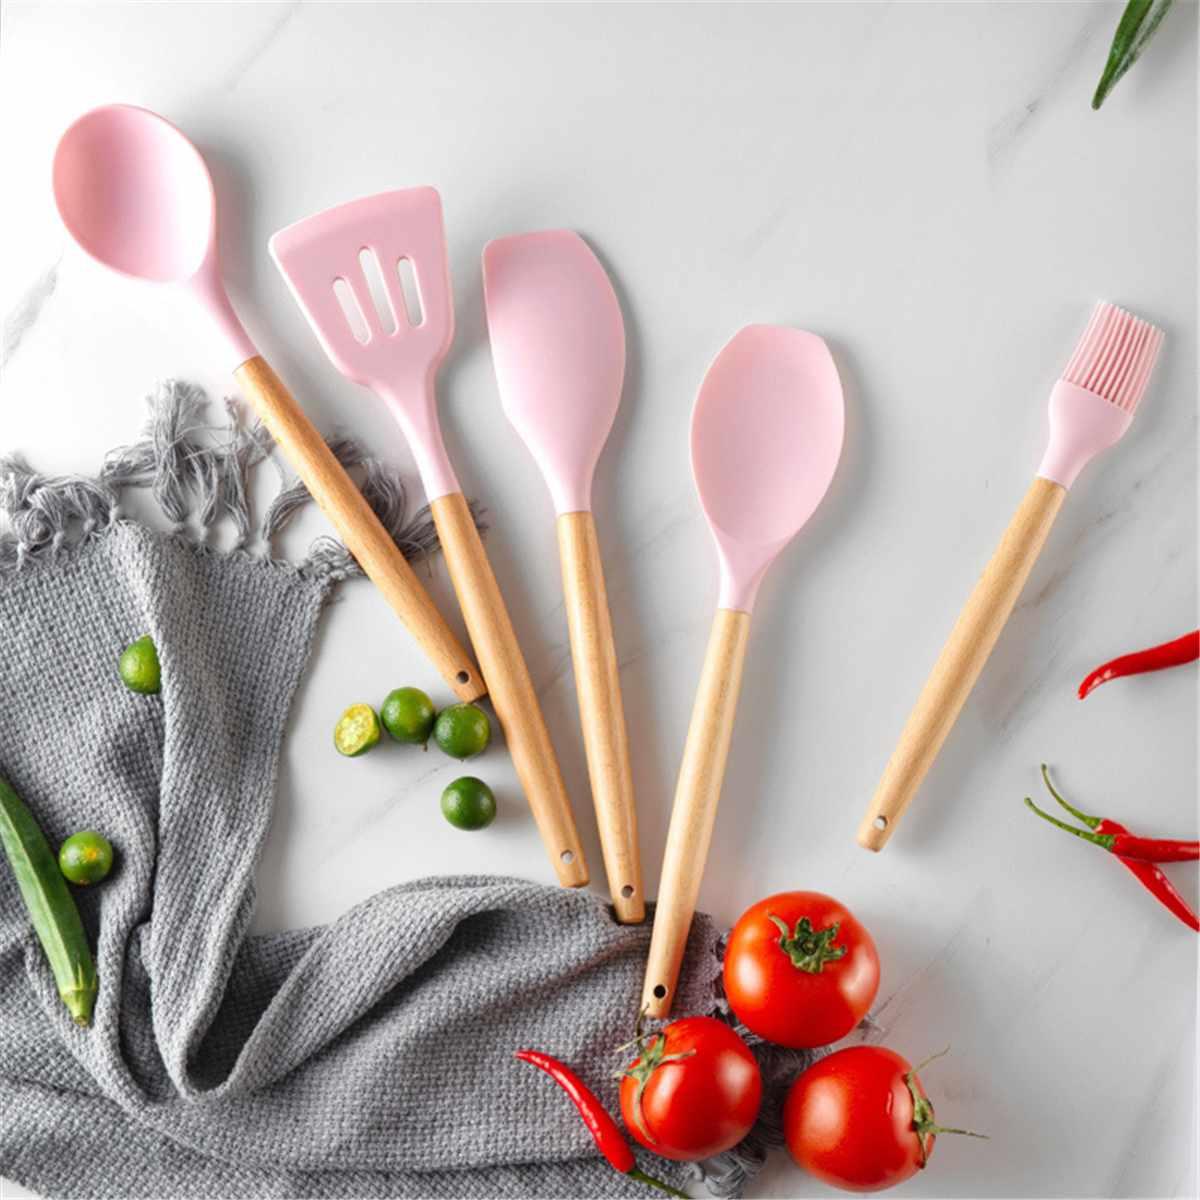 11 pçs conjunto de utensílios de cozinha de silicone antiaderente pá de espátula de madeira lidar com ferramentas de cozinha conjunto com caixa de armazenamento ferramentas de cozinha novo - 4